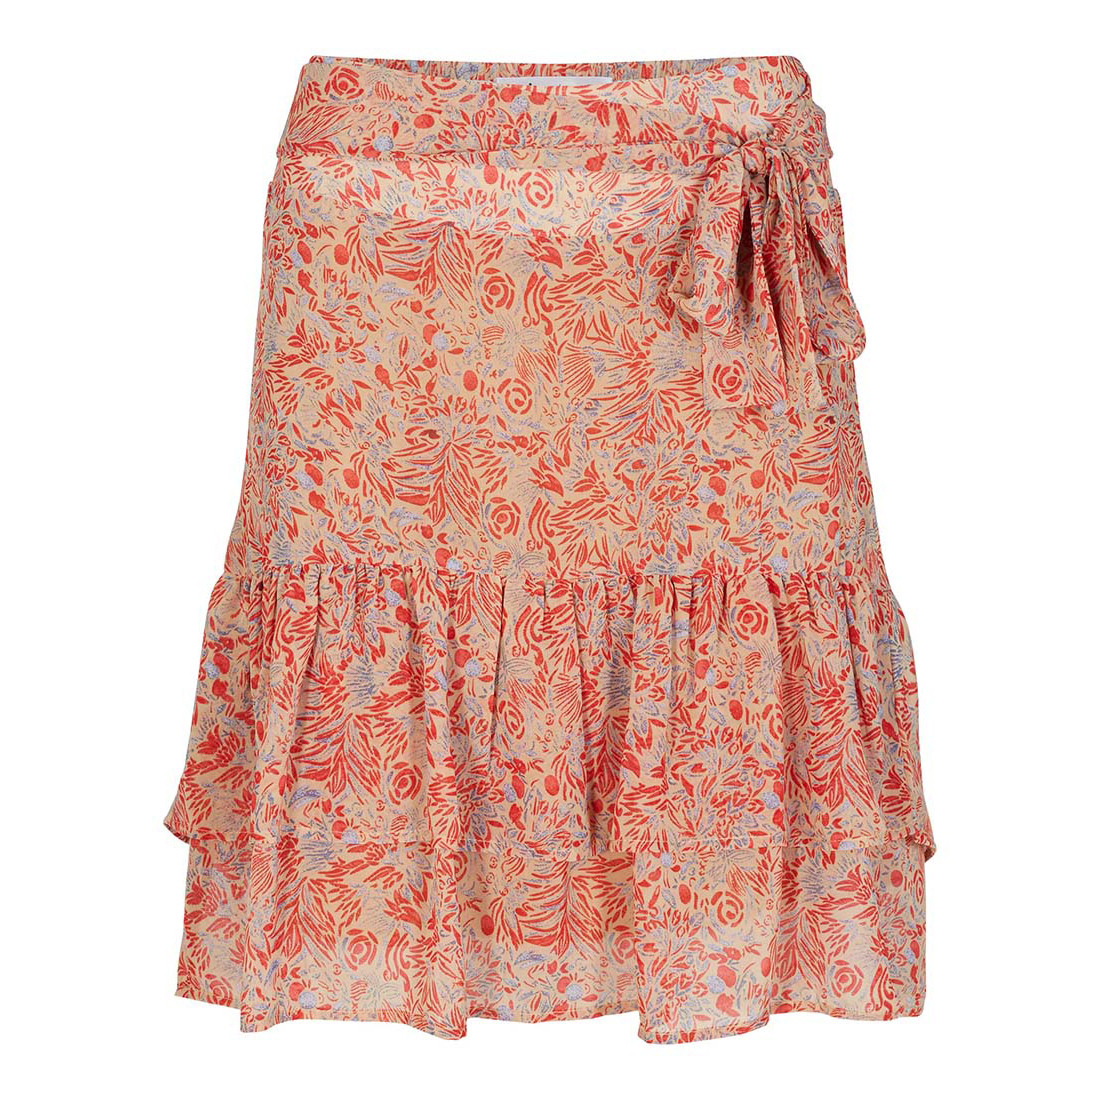 9714c9c8ff7 Co'couture | Shop lækkert tøj online hos Rikke Solberg